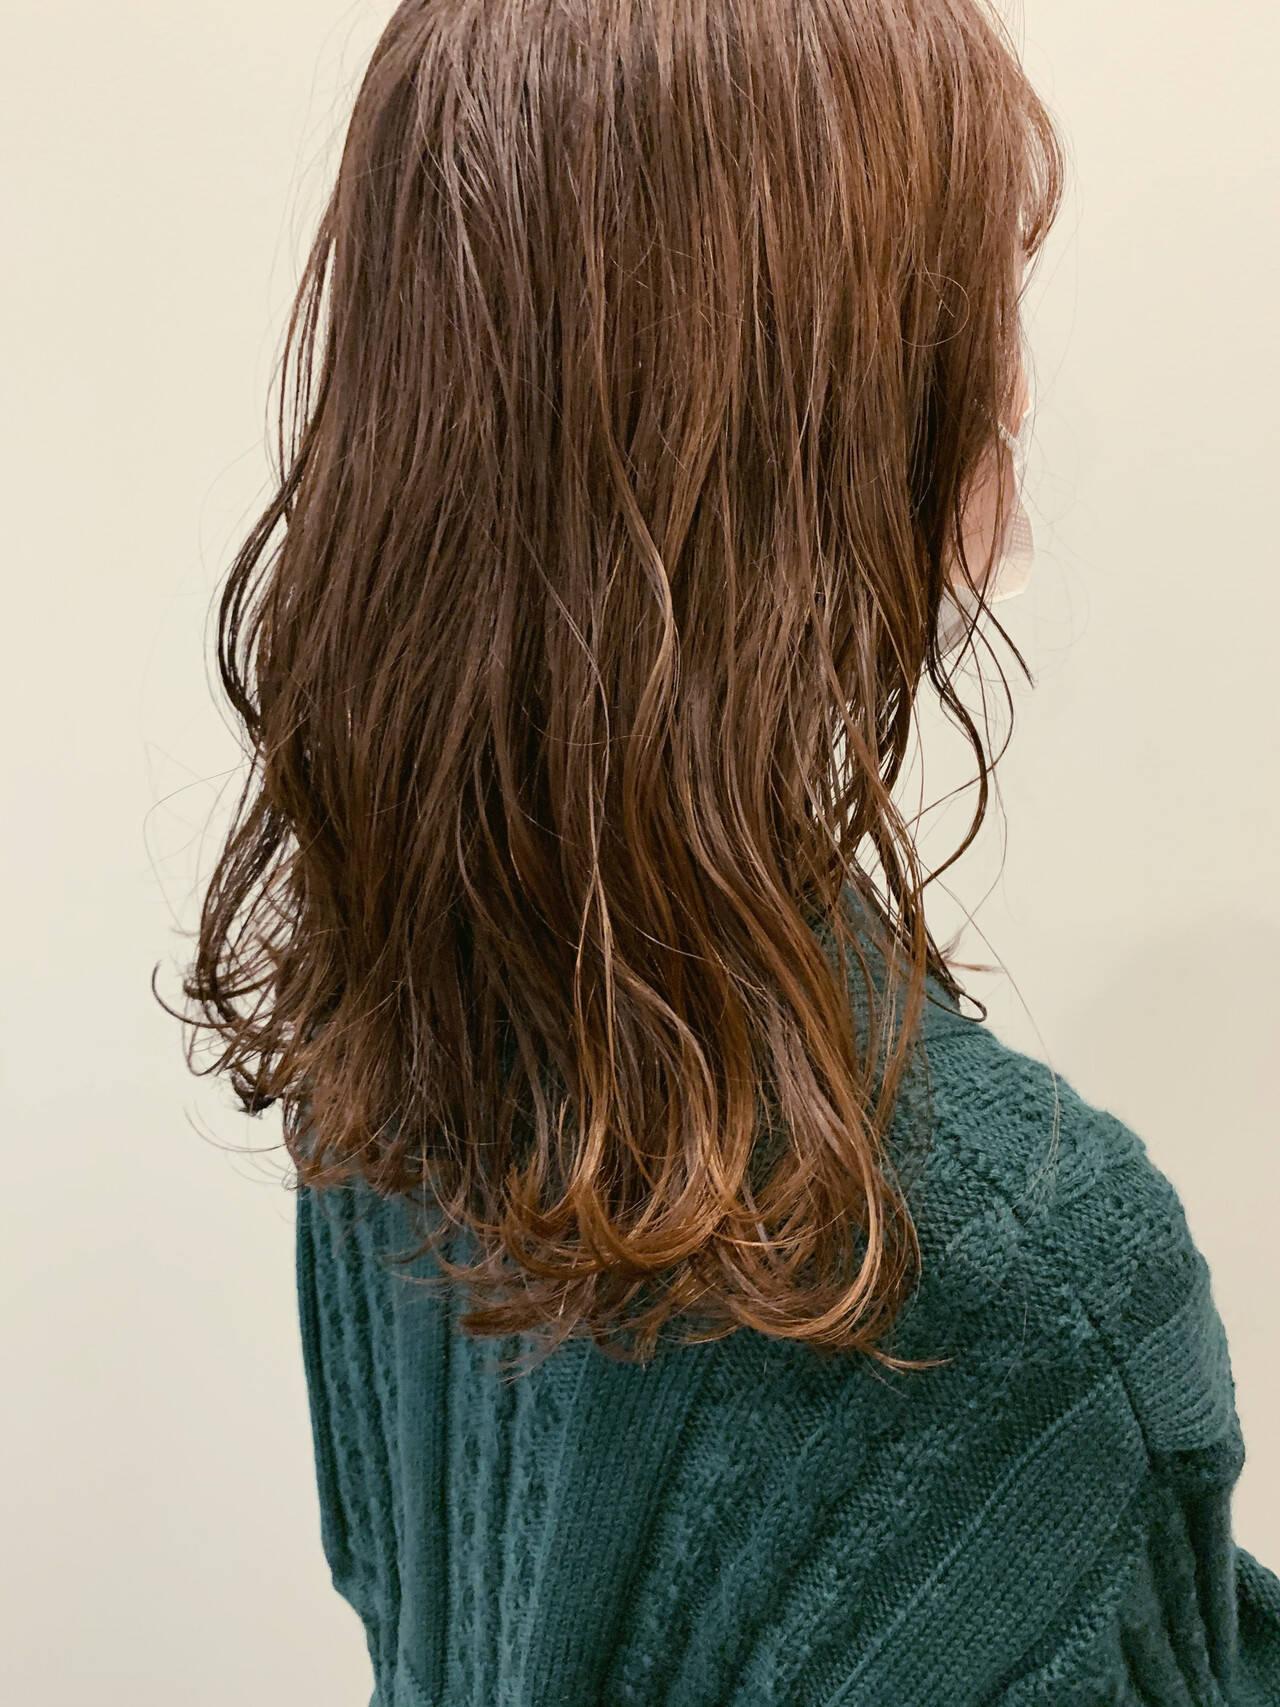 オリーブベージュ アッシュベージュ ナチュラル オリーブアッシュヘアスタイルや髪型の写真・画像